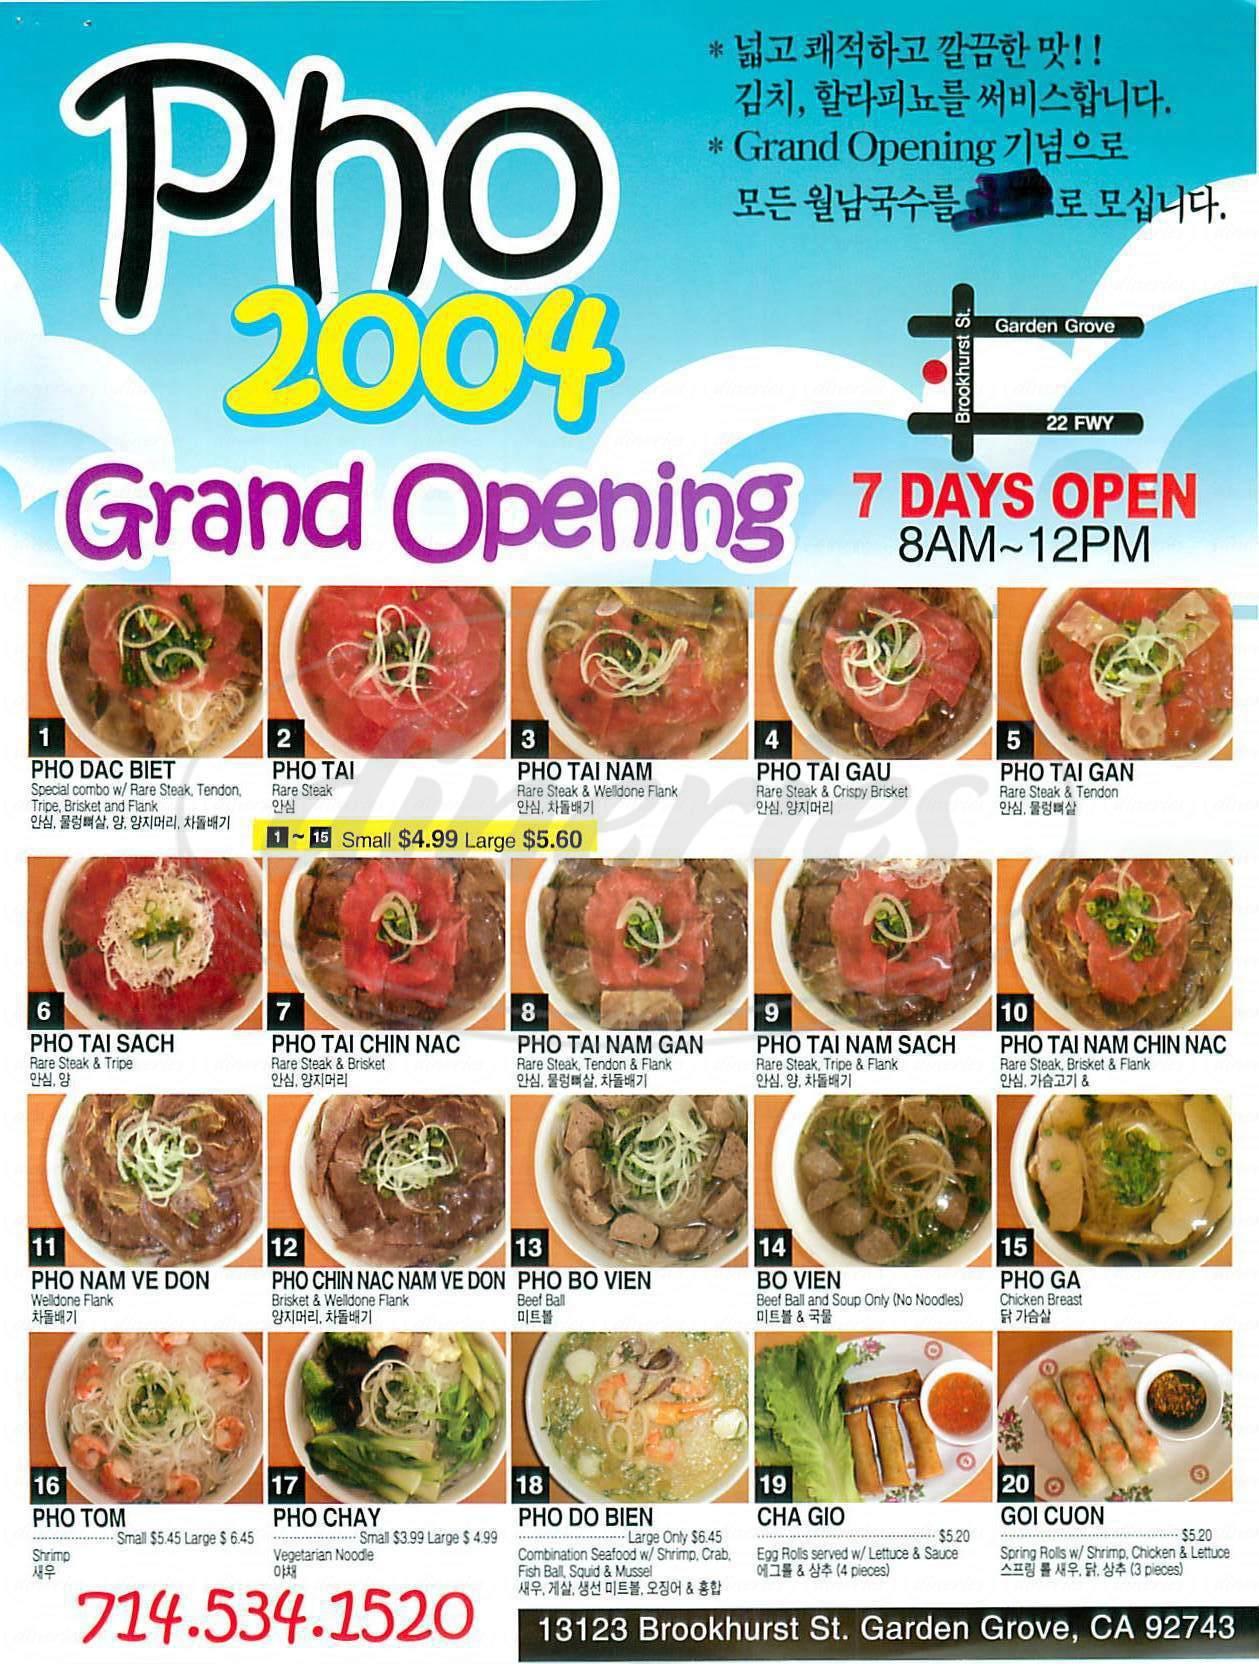 menu for Pho 2004